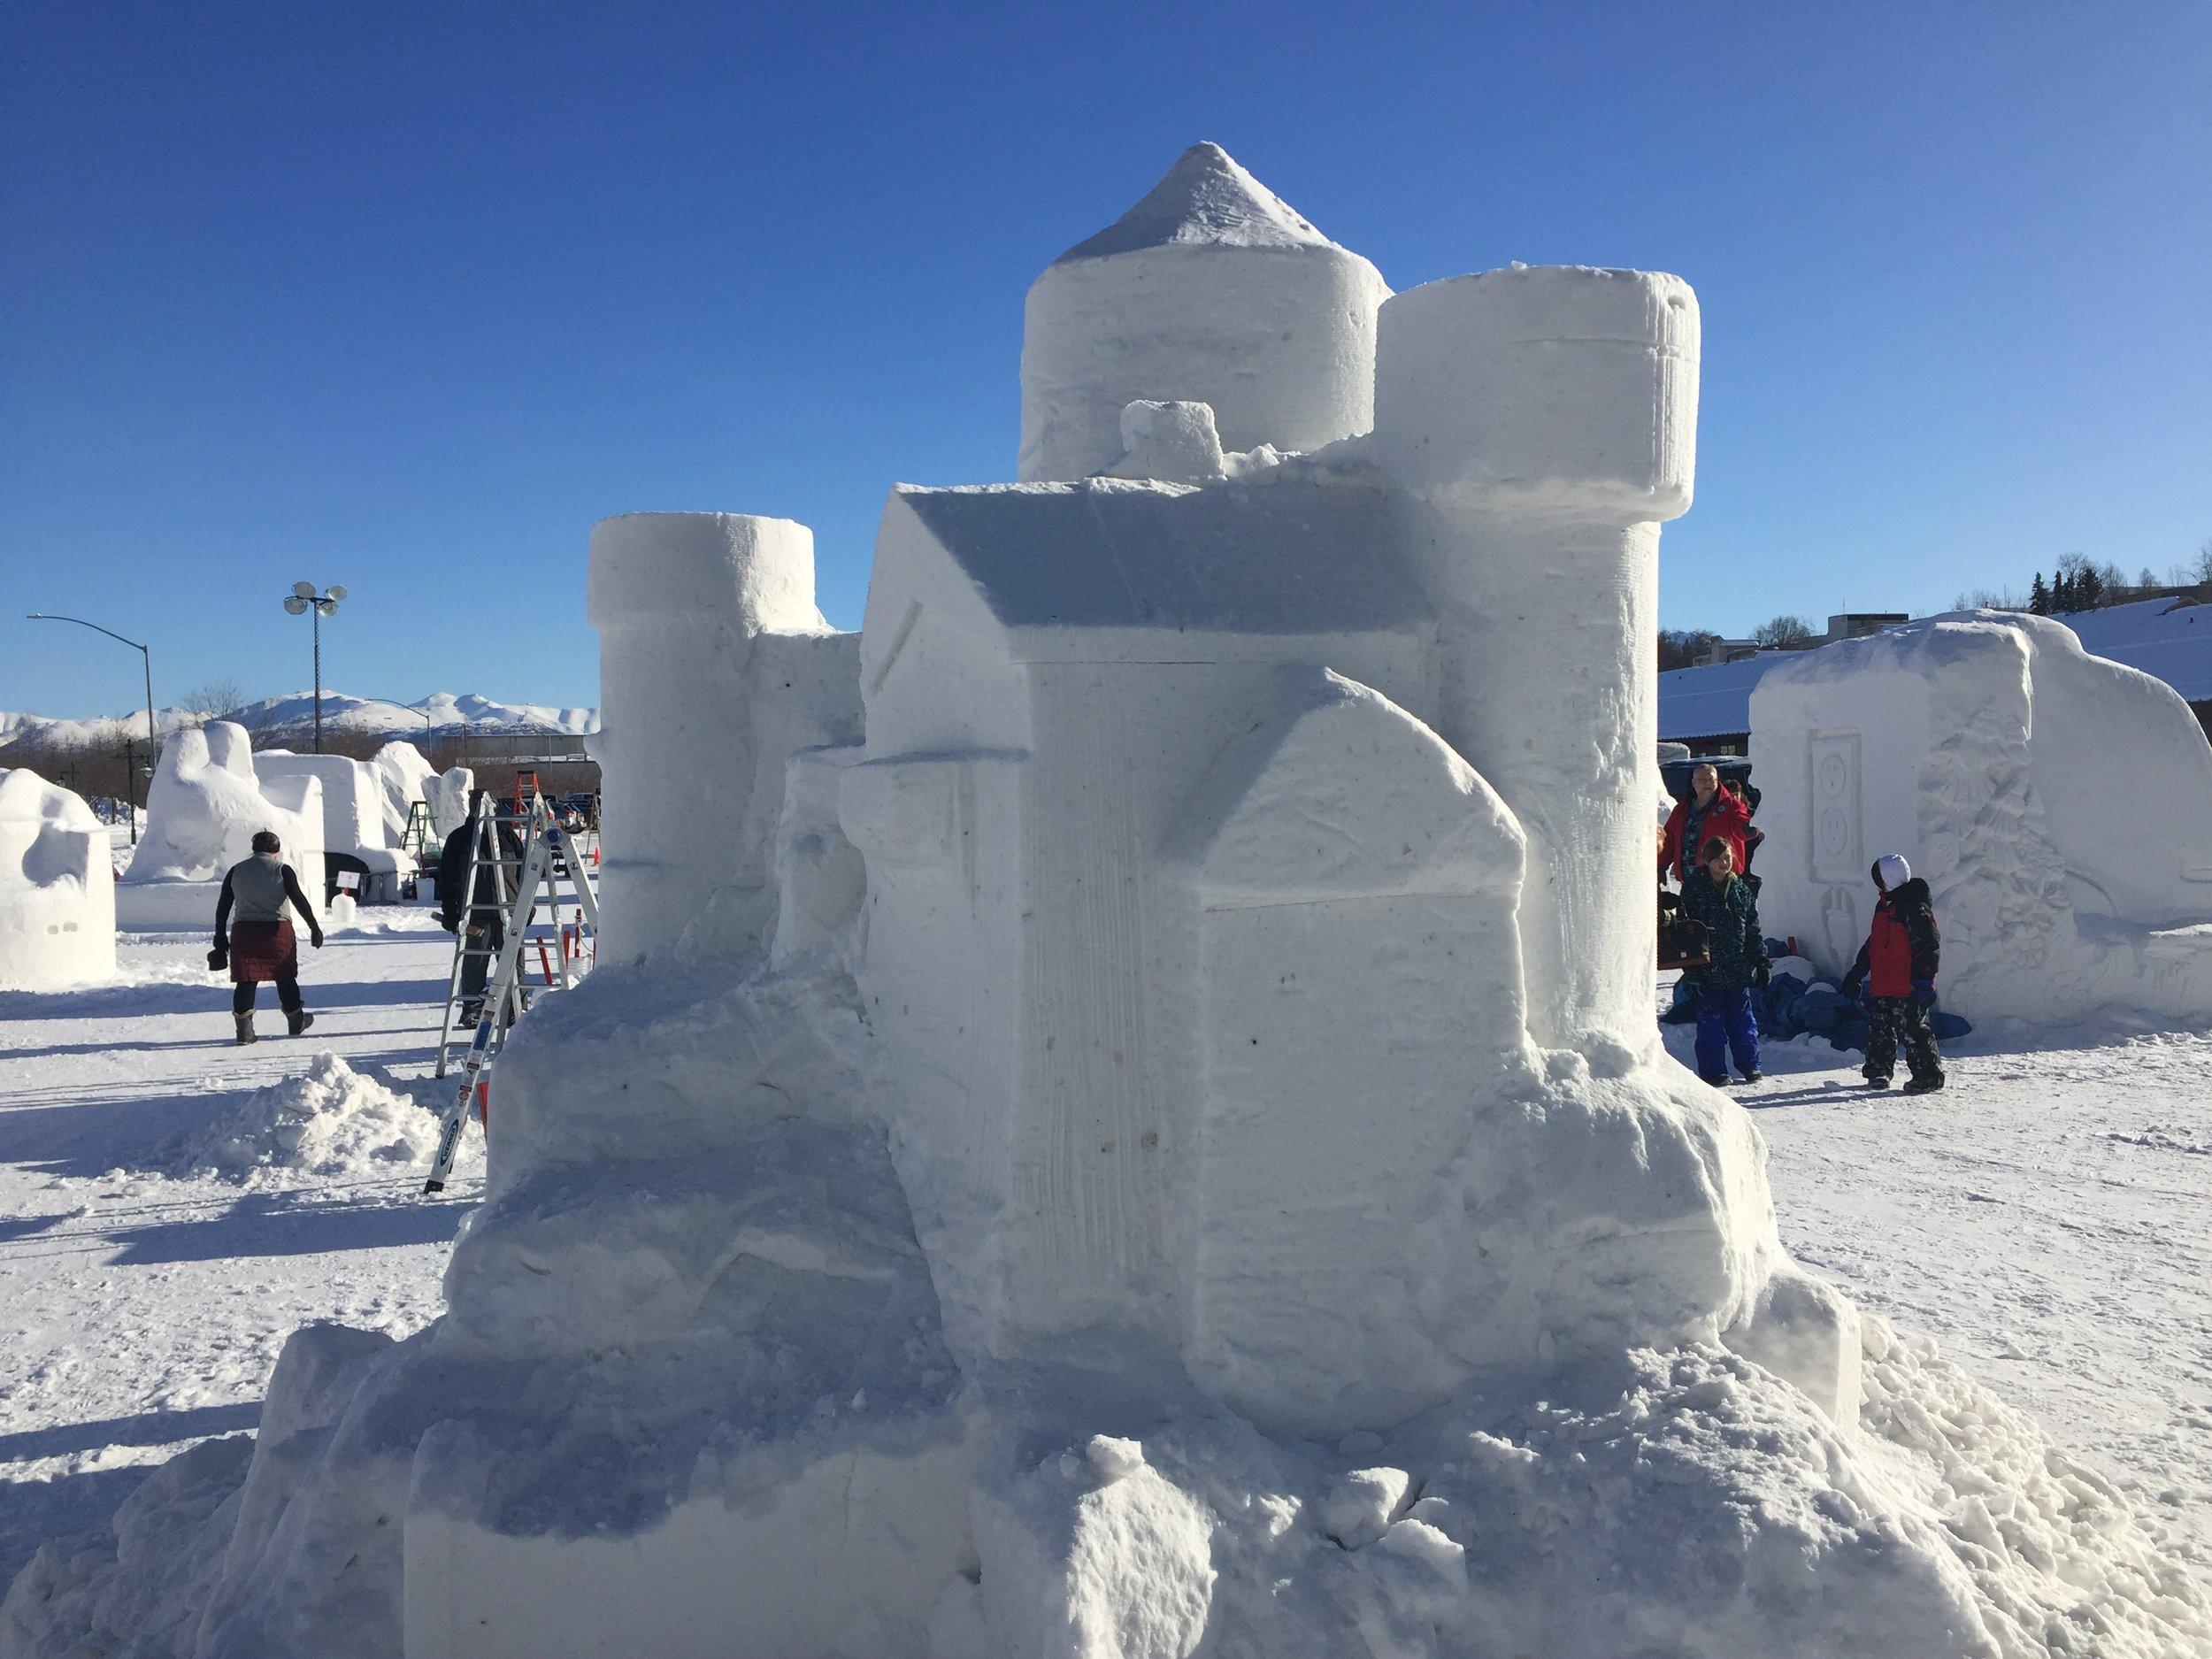 Even got to explore a little. Amazing snow Sculptures!